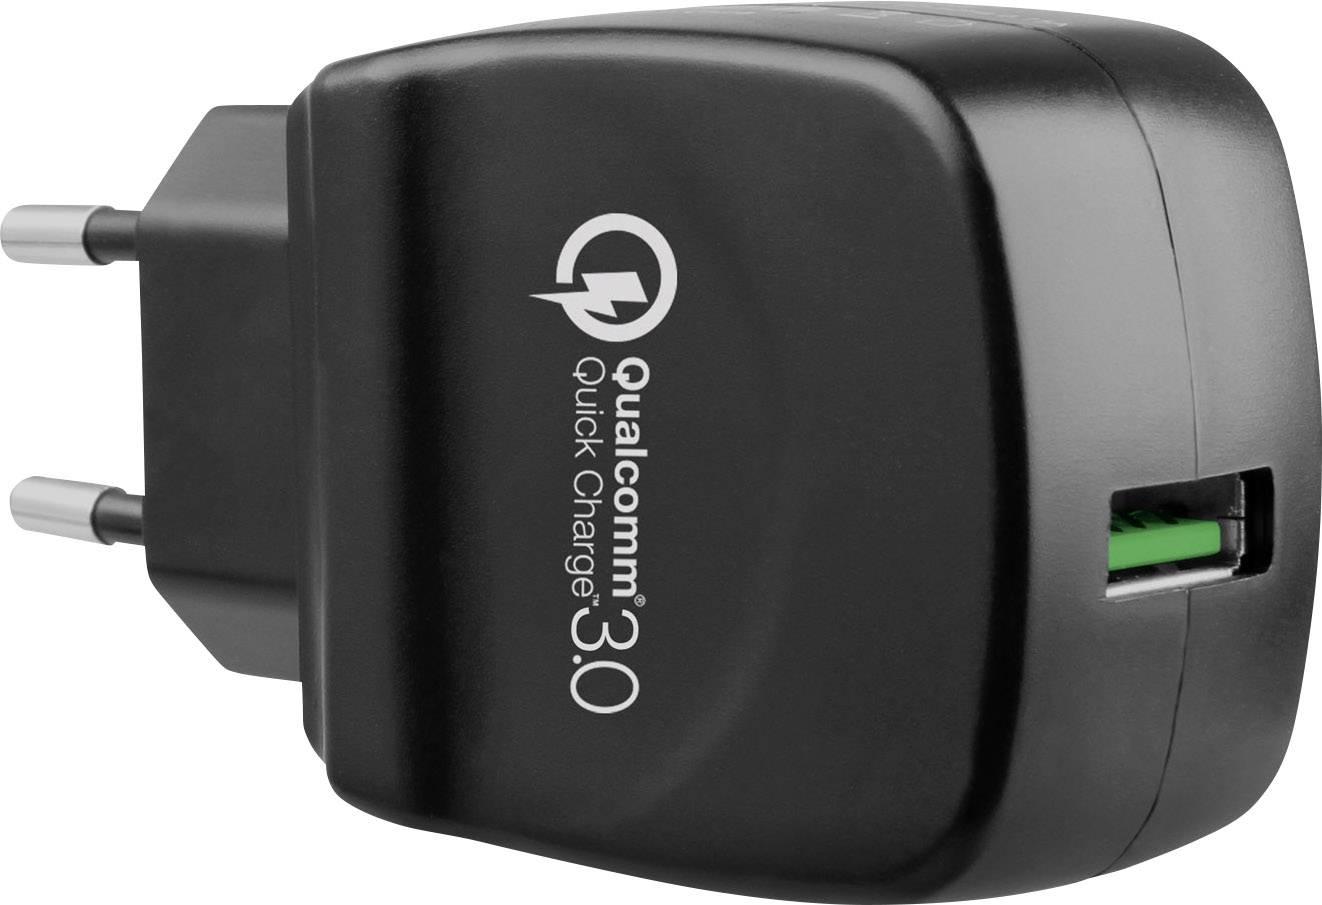 LVSUN QW20 LS QW20 A USB laddare Vägguttag Utgångsström max. 3000 mA 1 x USB 3.0 A hona Qualcomm Quick Charge 3.0